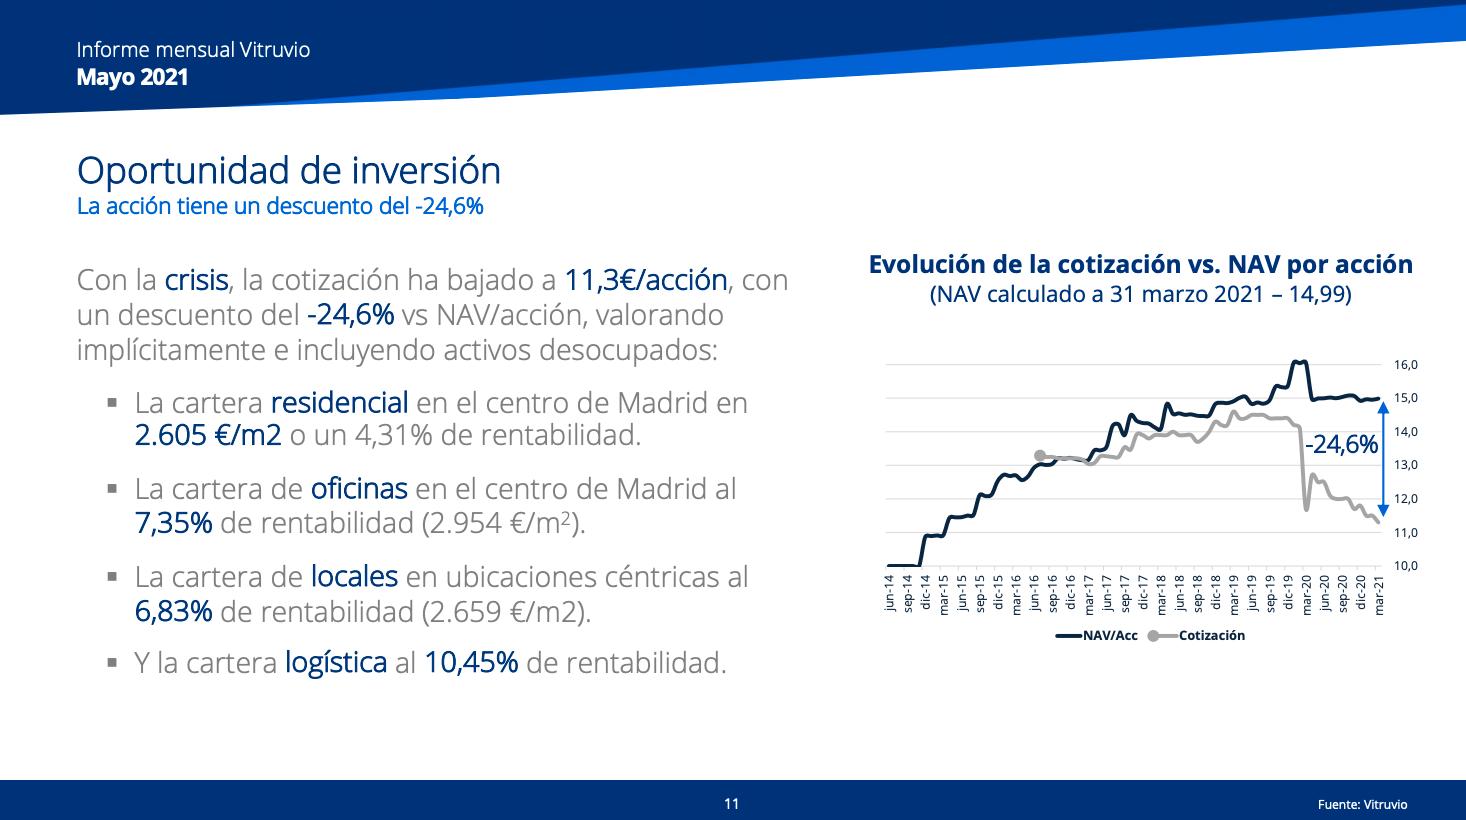 diapositiva oportunidad inversion en vitruvio del avance del informe trimestral 2T2021